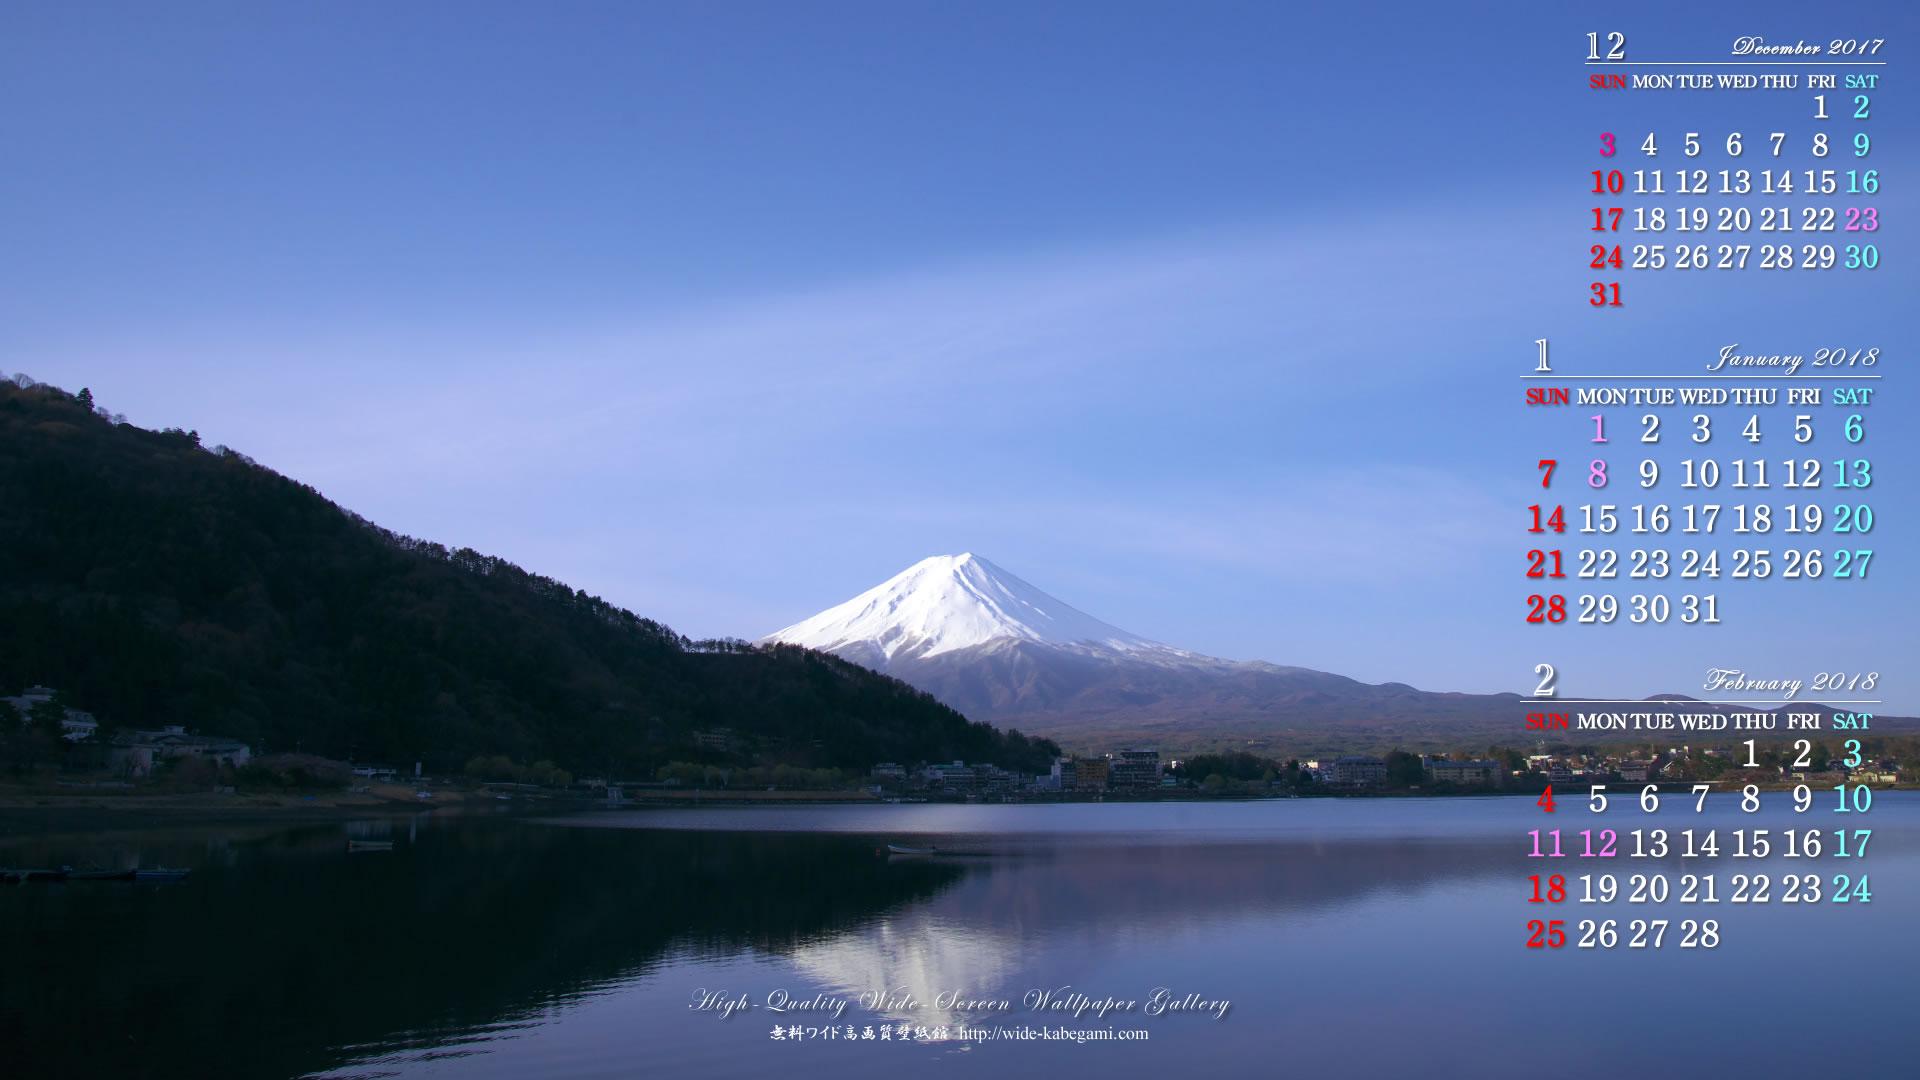 2018年1月の前月表示の3ヶ月ワイド壁紙カレンダー 1920x1080 富士山